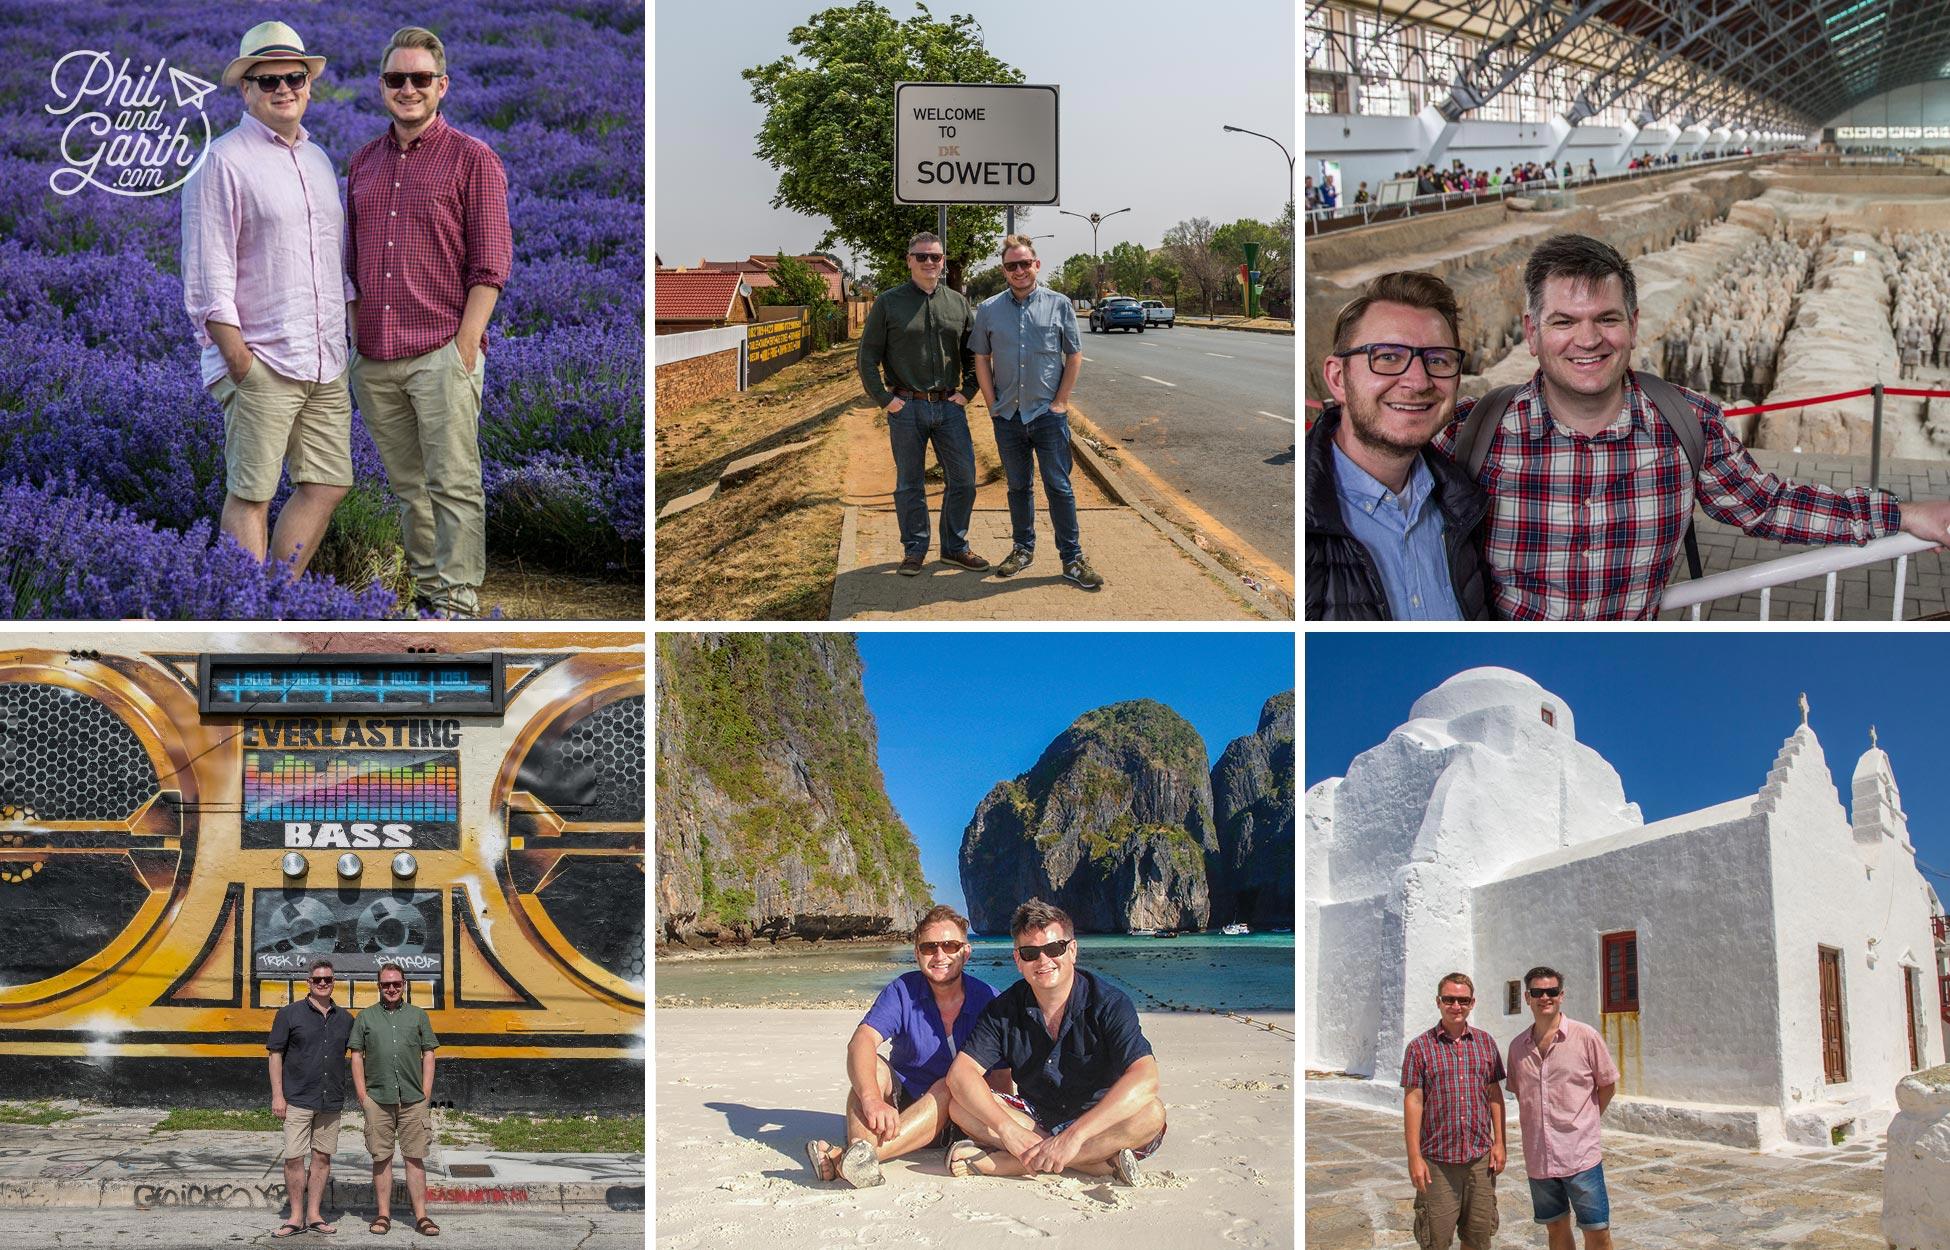 Phil and Garth Around the world